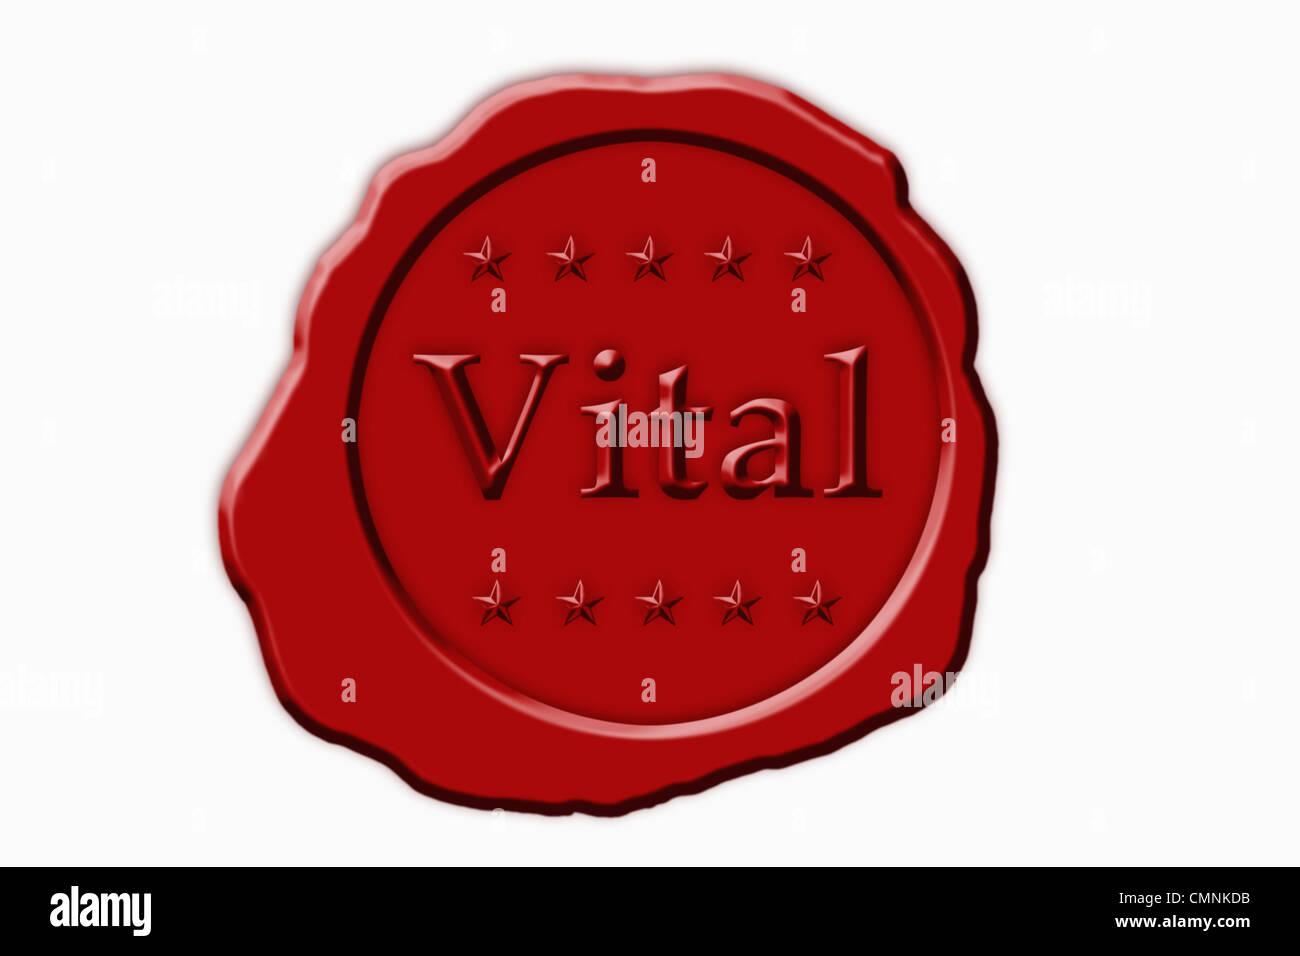 Detailansicht eines roten Siegels mit der Aufschrift Vital | Detail photo of a red seal with the inscription Vital - Stock Image